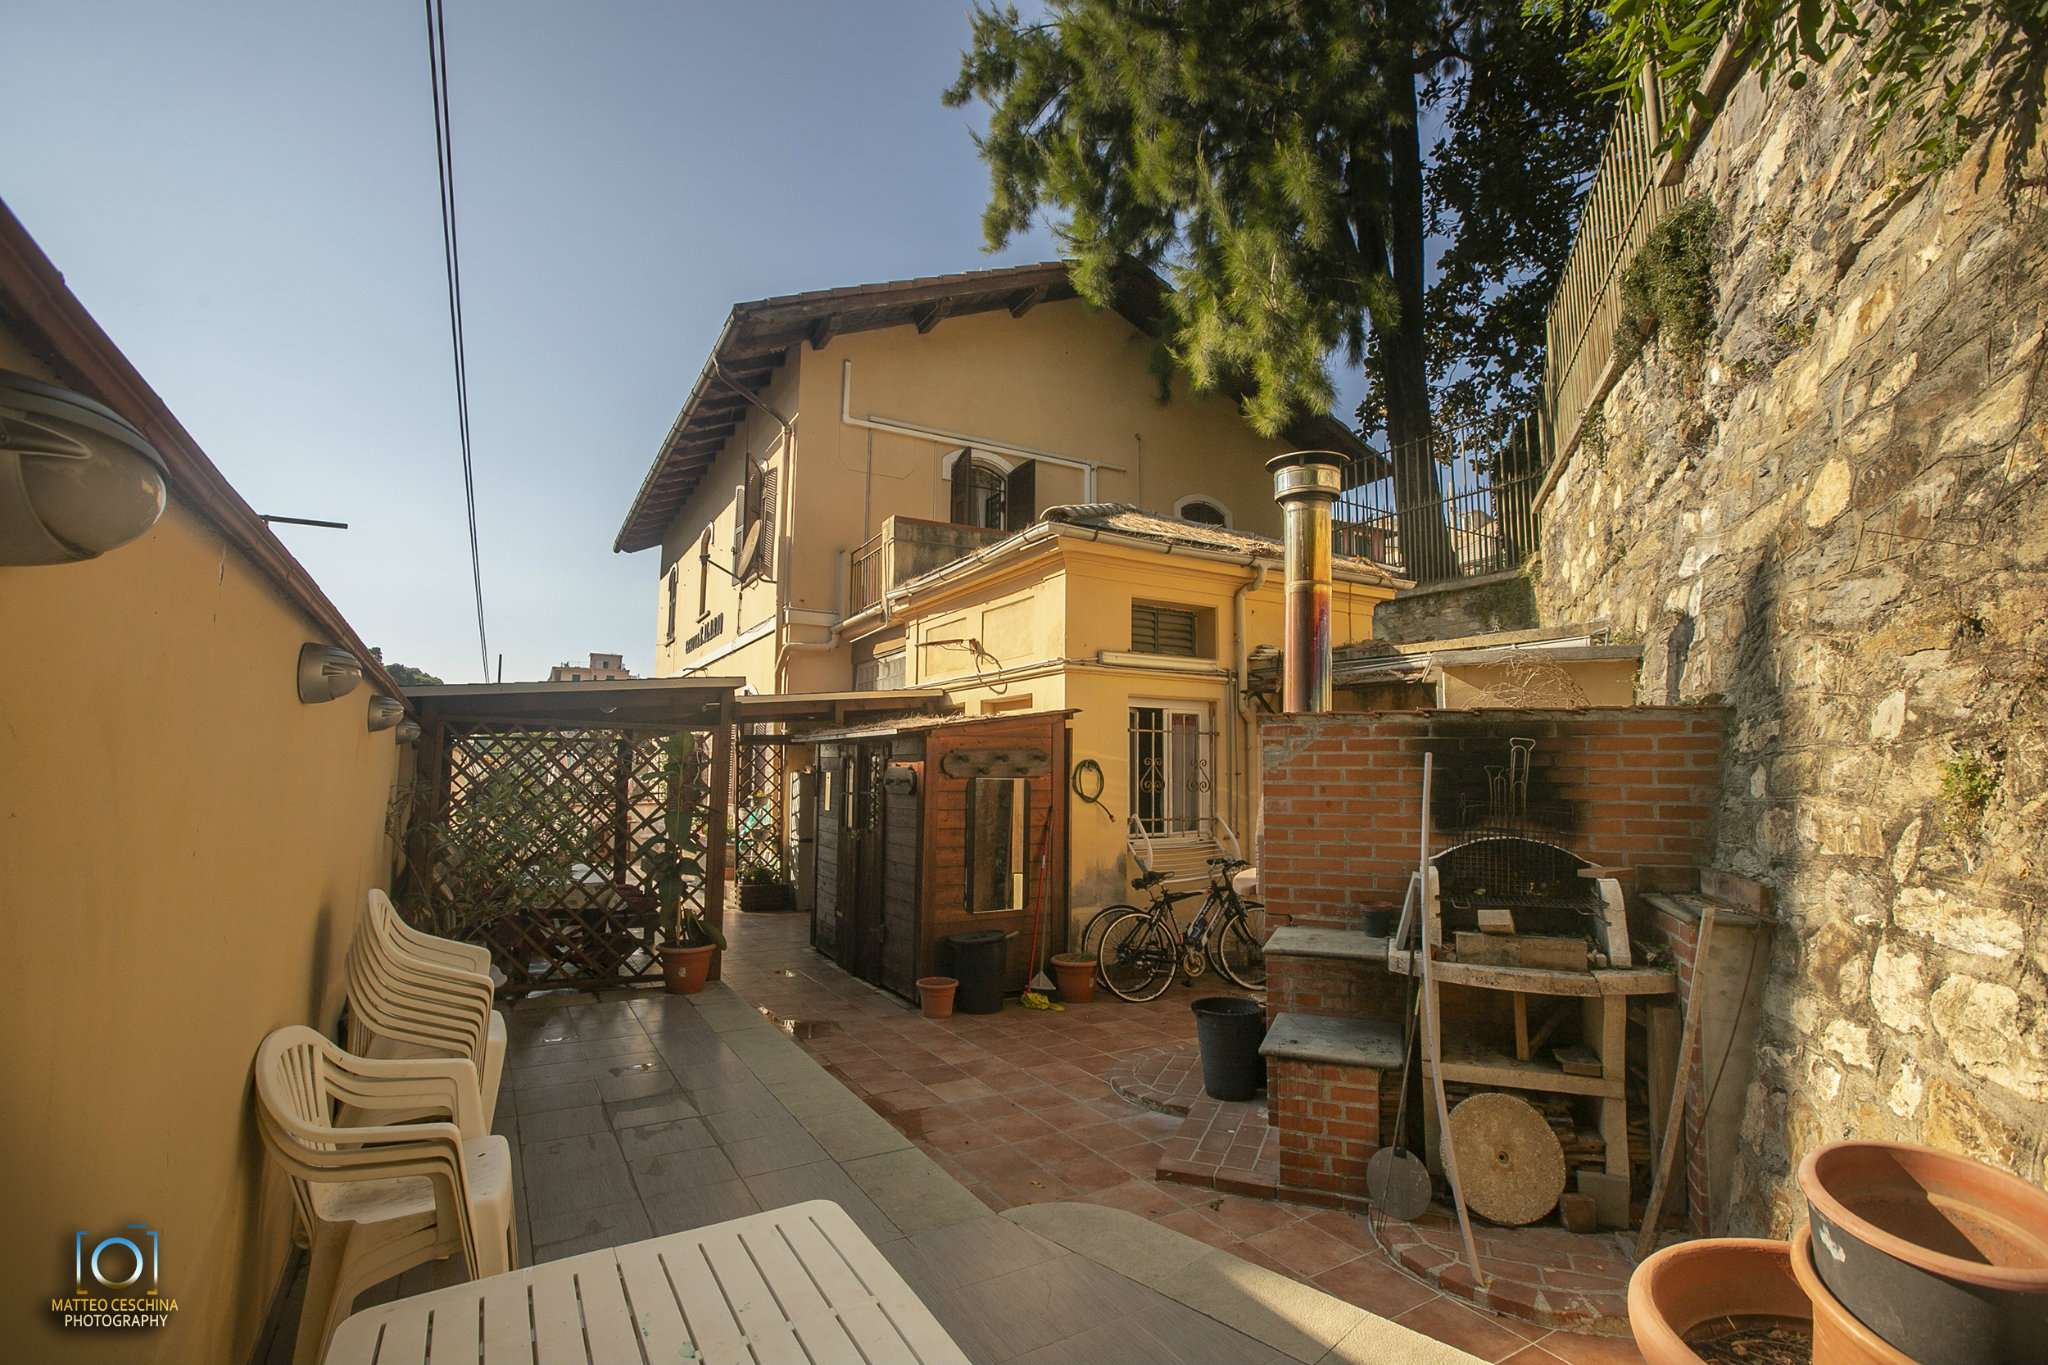 VENDITE Rustici e Case Genova 5854171